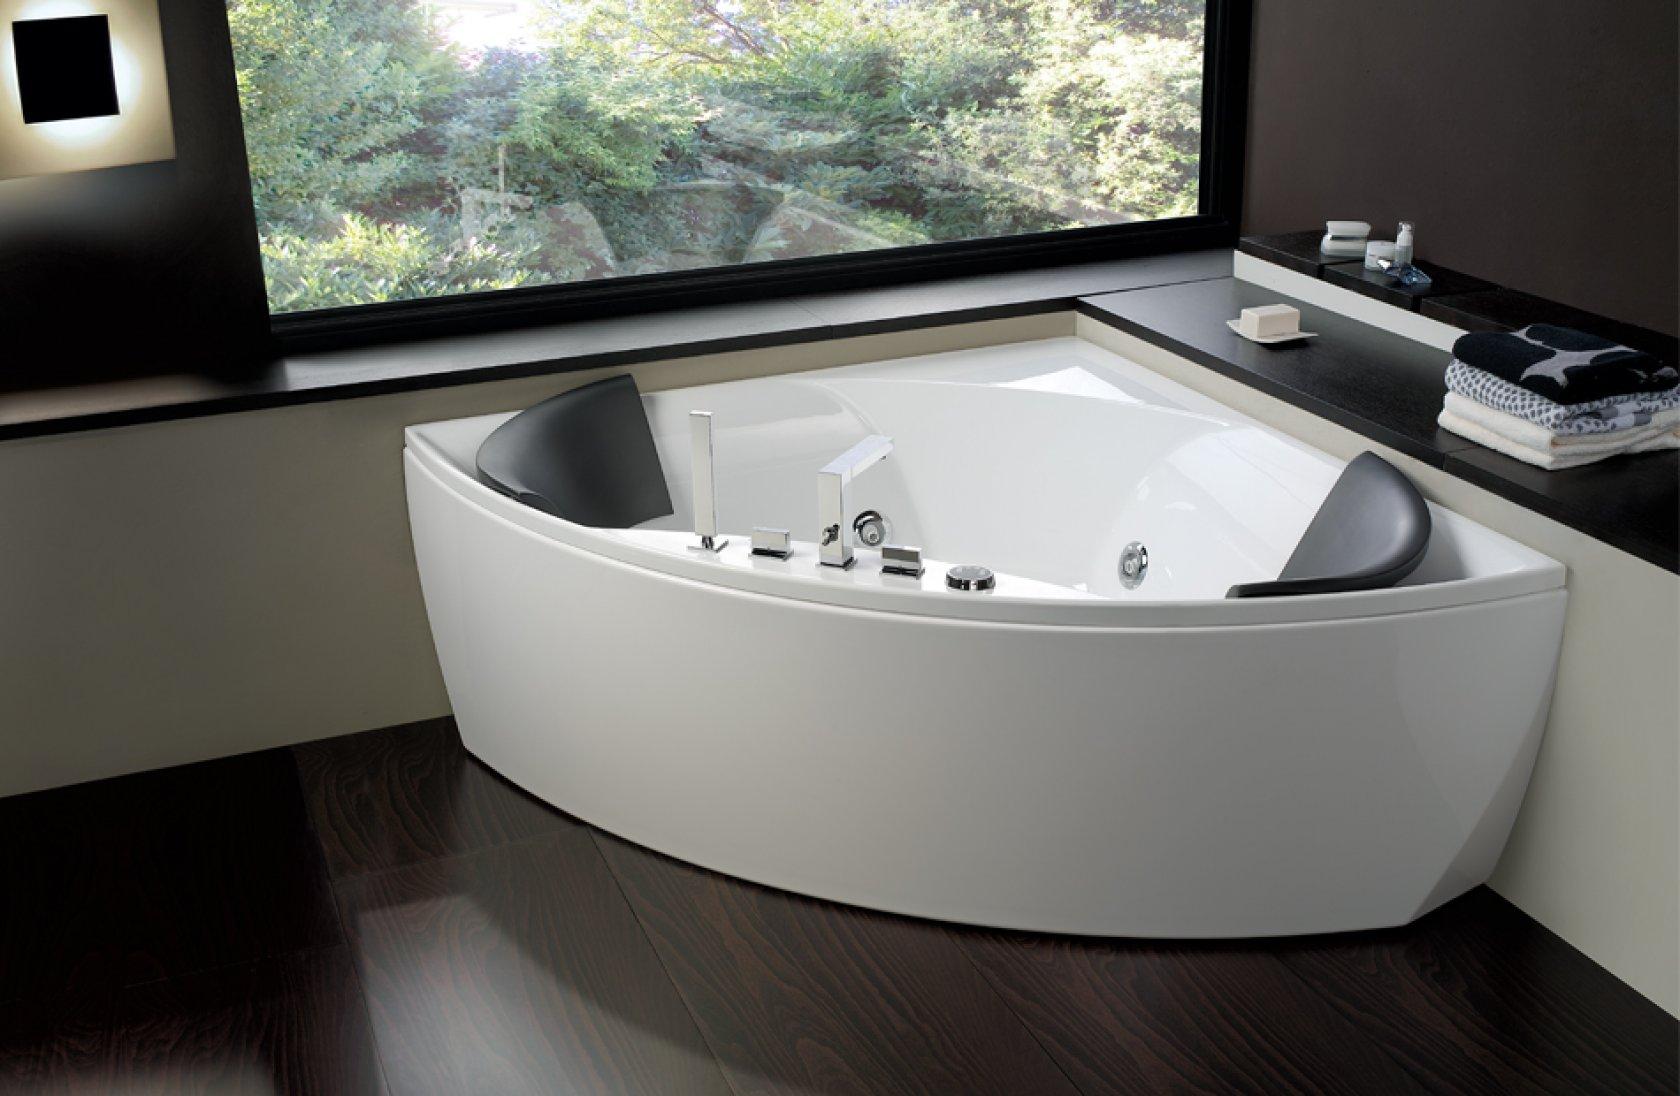 La vasca da bagno come sceglierla per avere una stanza - Vasca doccia da bagno ...